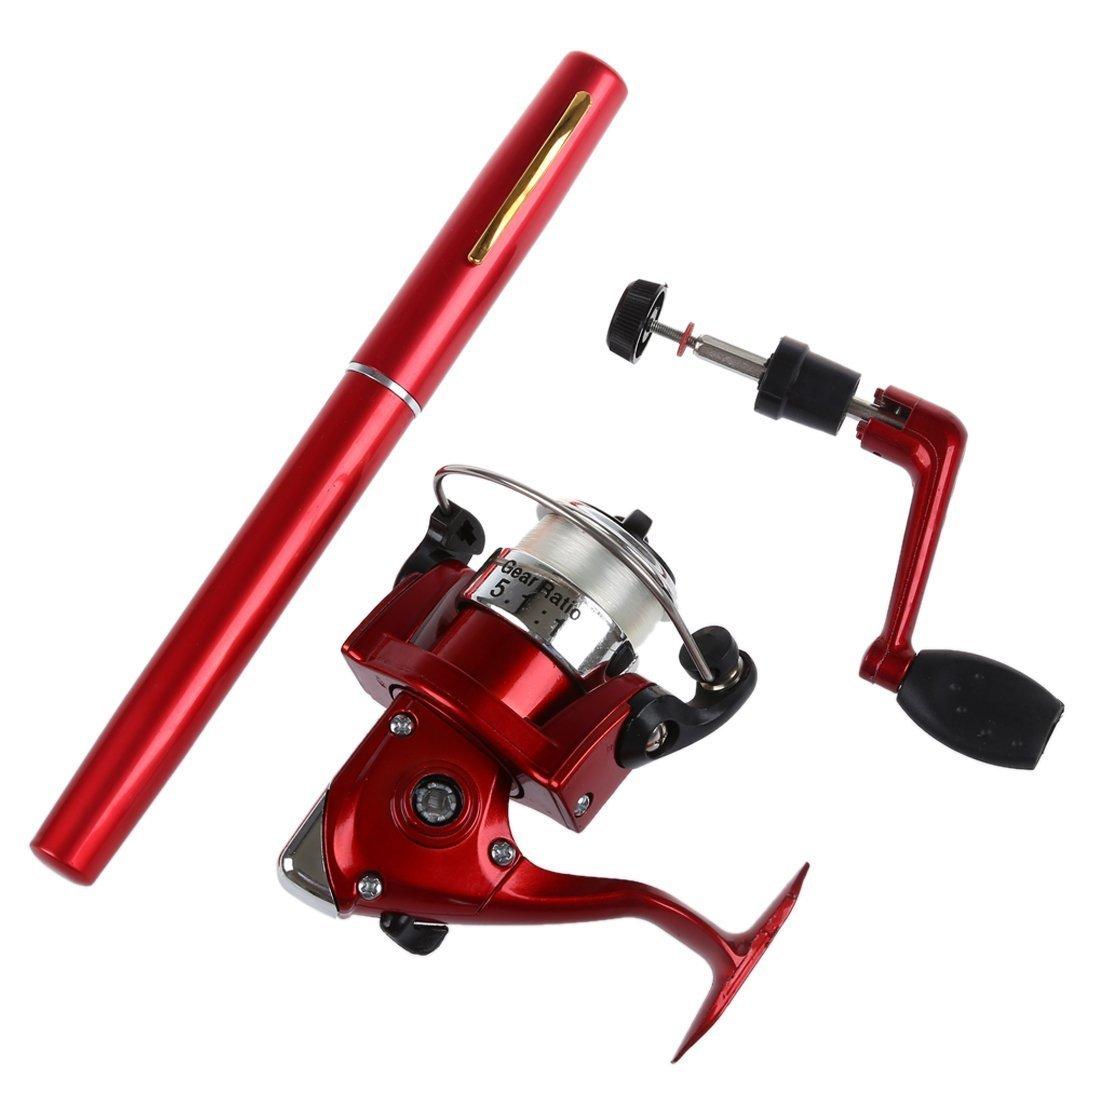 R Aufroller Rote SODIAL Neu Mini Aluminium Angelrute Pocket Pen Angelrute Rod Pole